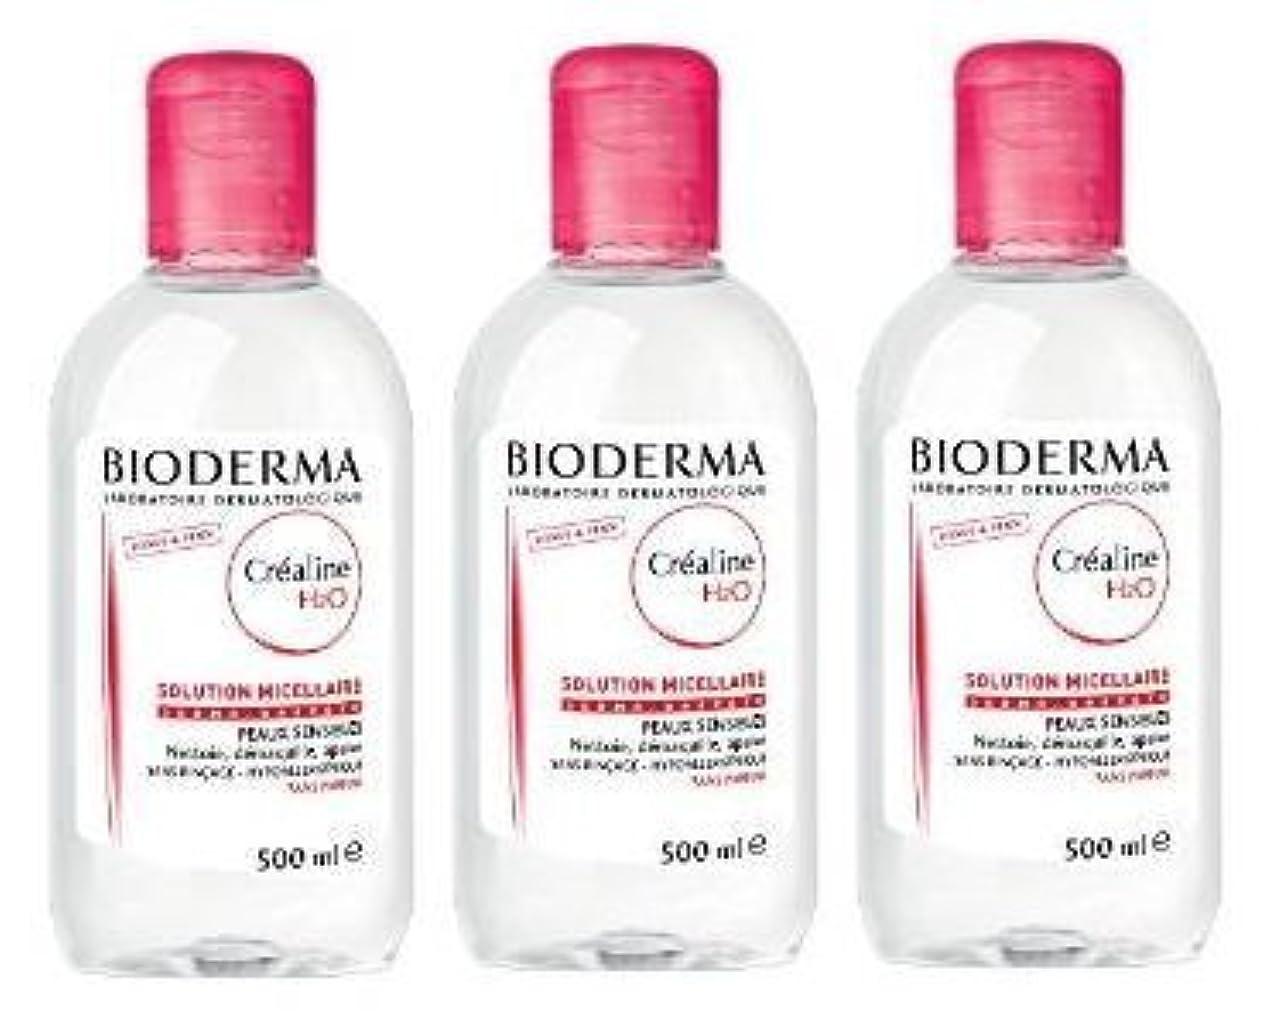 ゴミ箱疼痛オールビオデルマ(BIODERMA) サンシビオ H2O D(Crealine H2O)500ml 3本セット[並行輸入品]